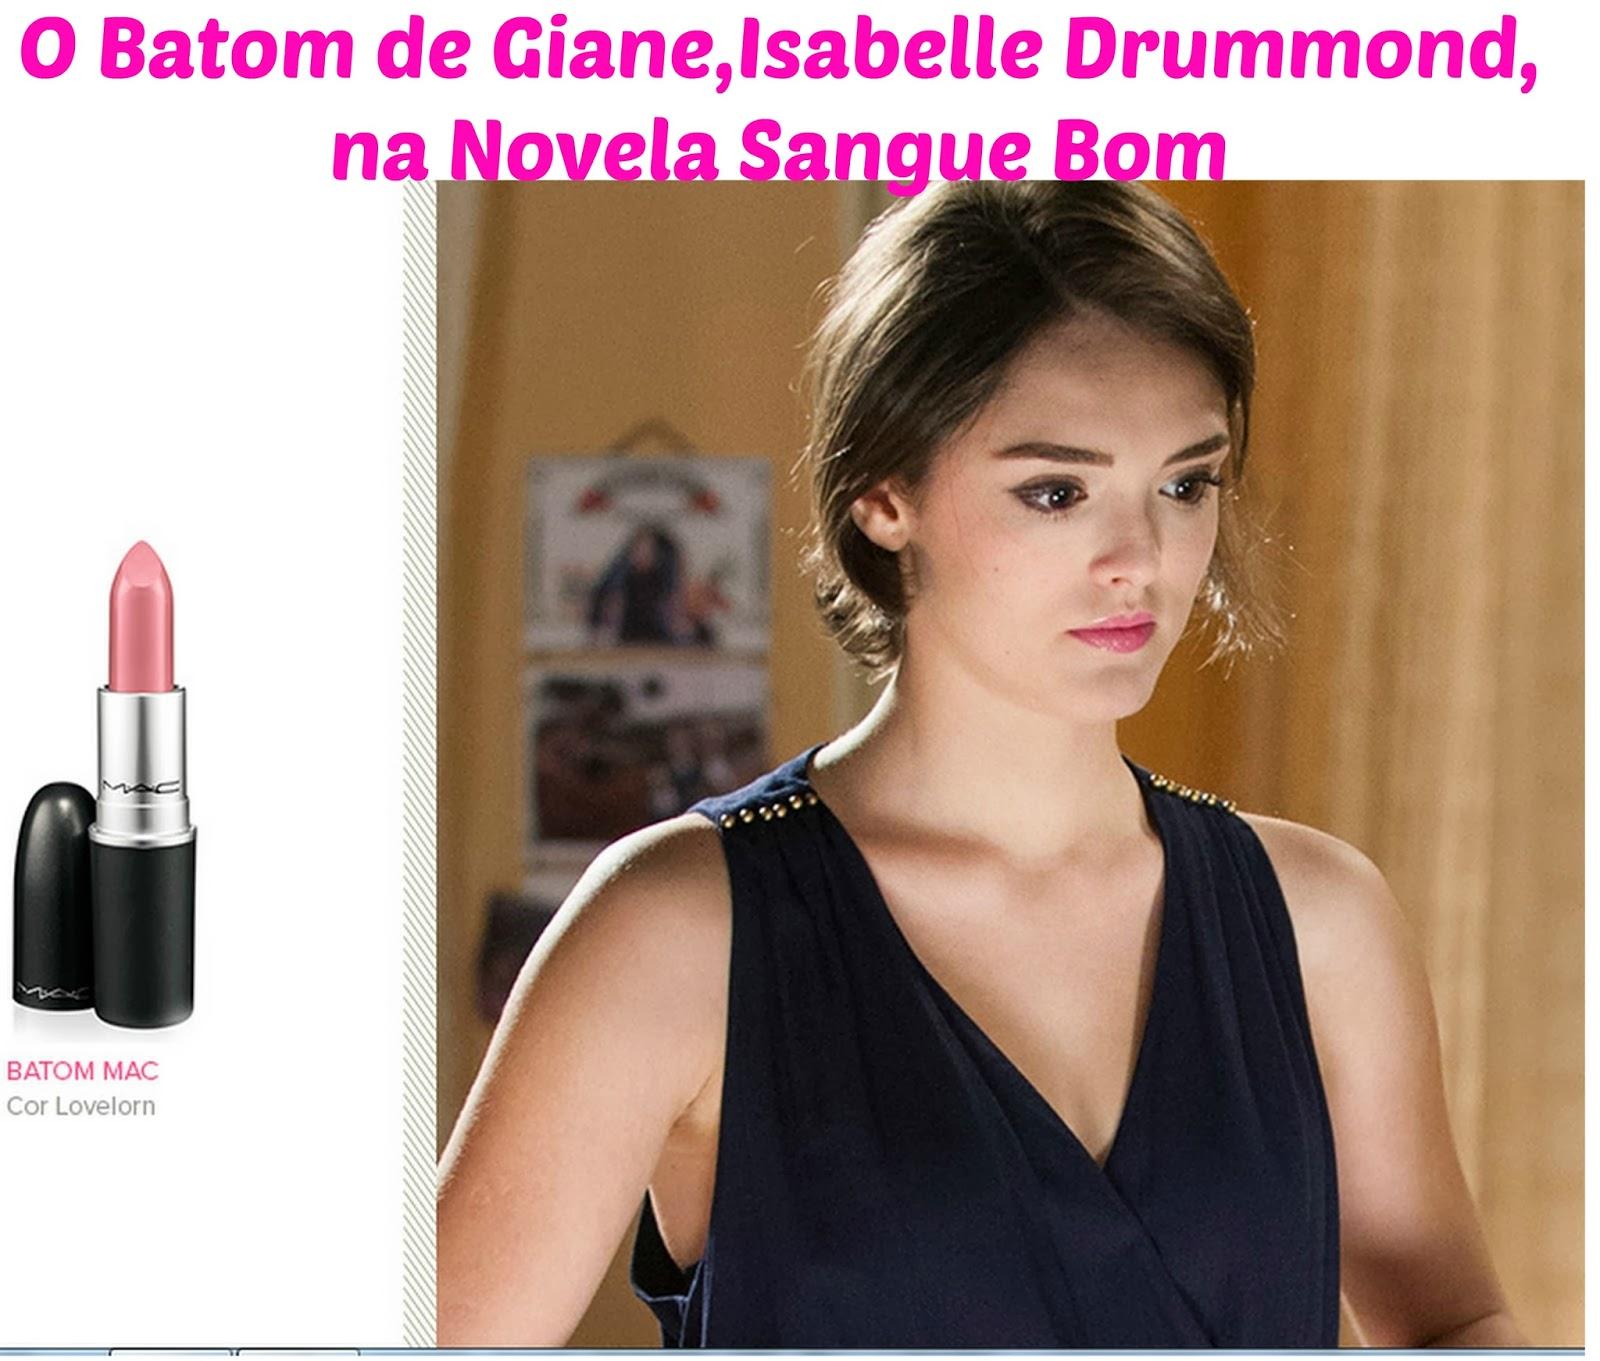 Perfume Kouros Bom Yahoo: O Batom De Giane,Isabelle Drummond, Na Novela Sangue Bom